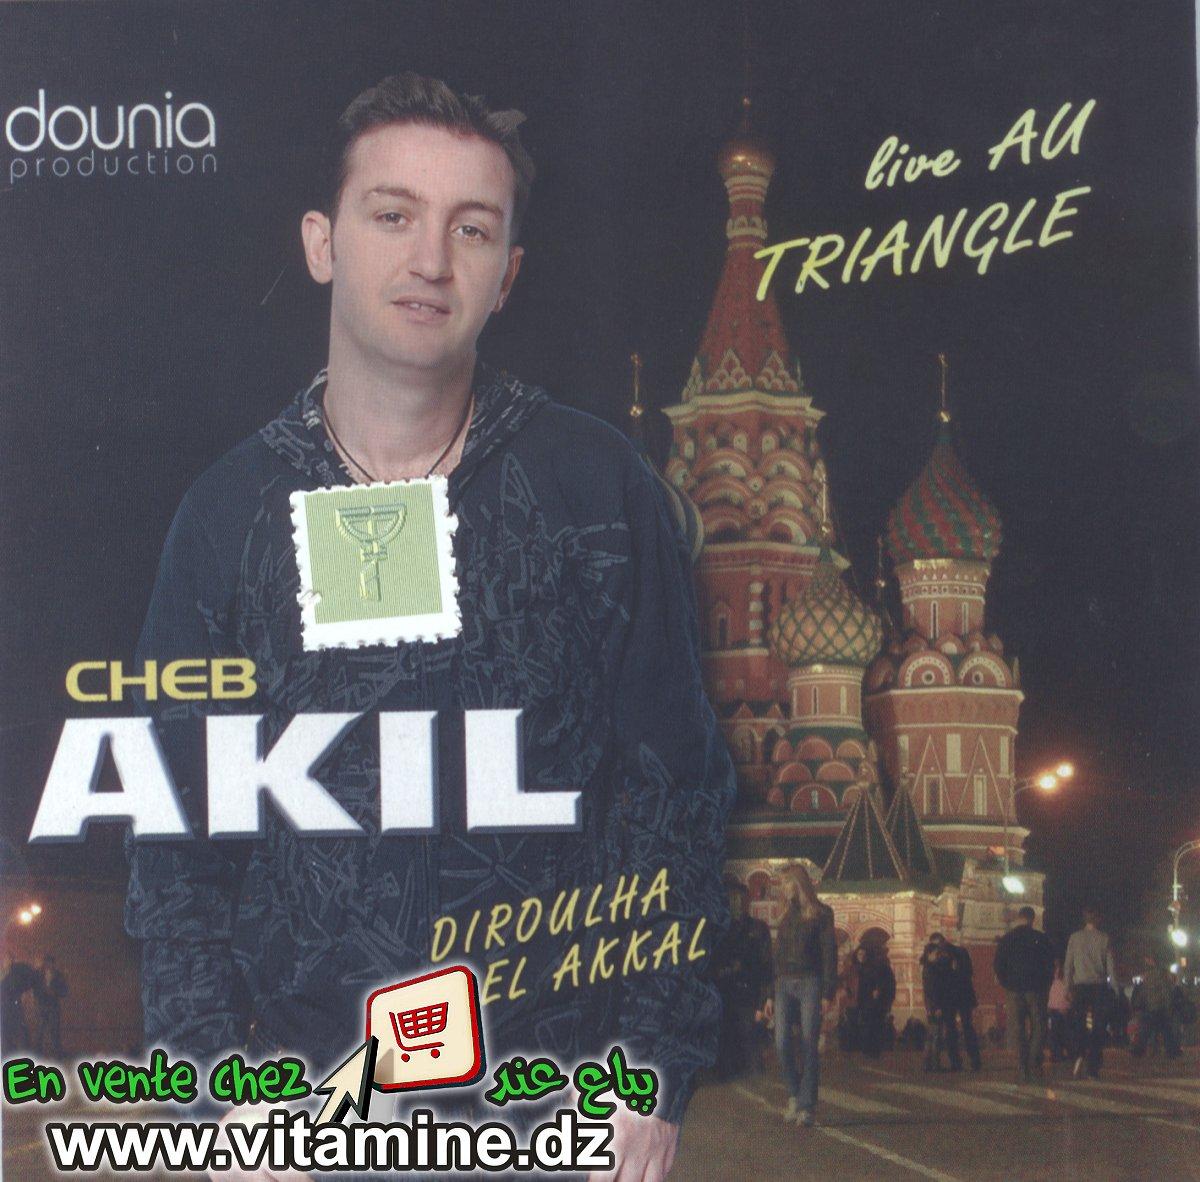 Cheb Akil - Diroulha el akkal (live au triangle)